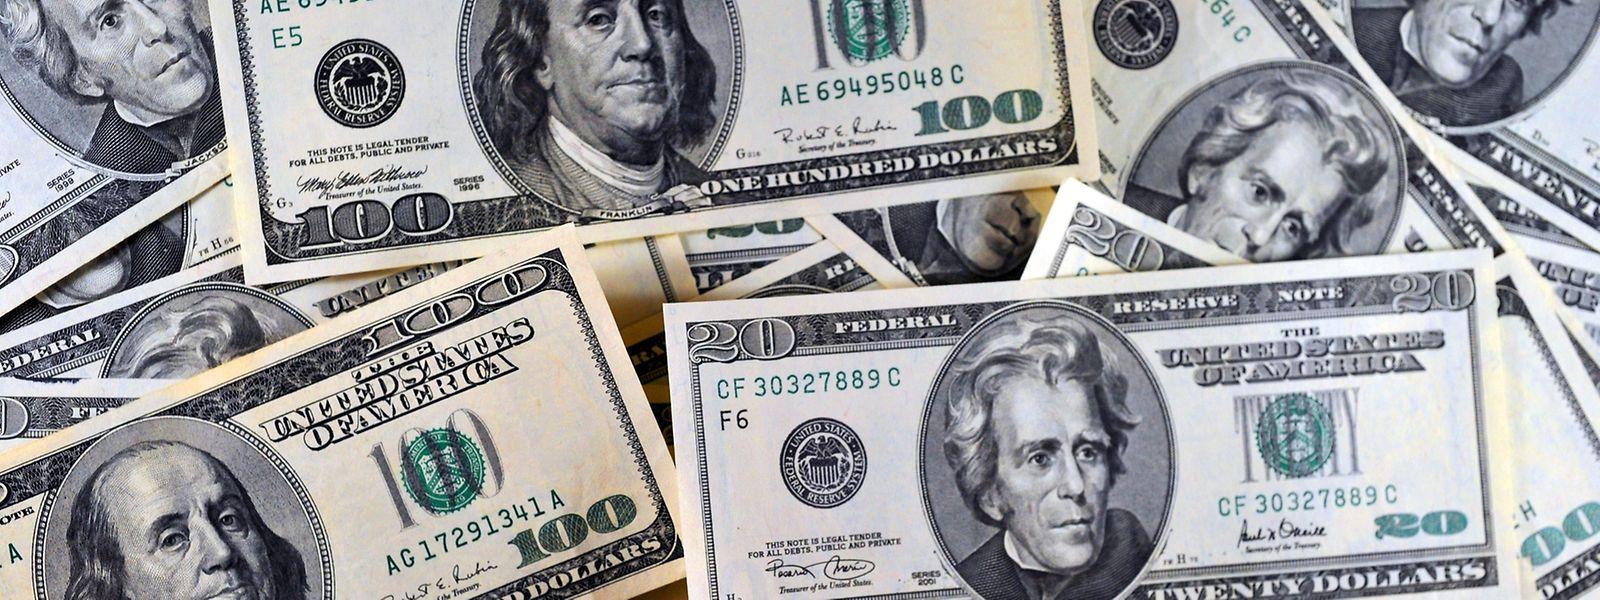 Der Wert des Dollars fällt deutlich.